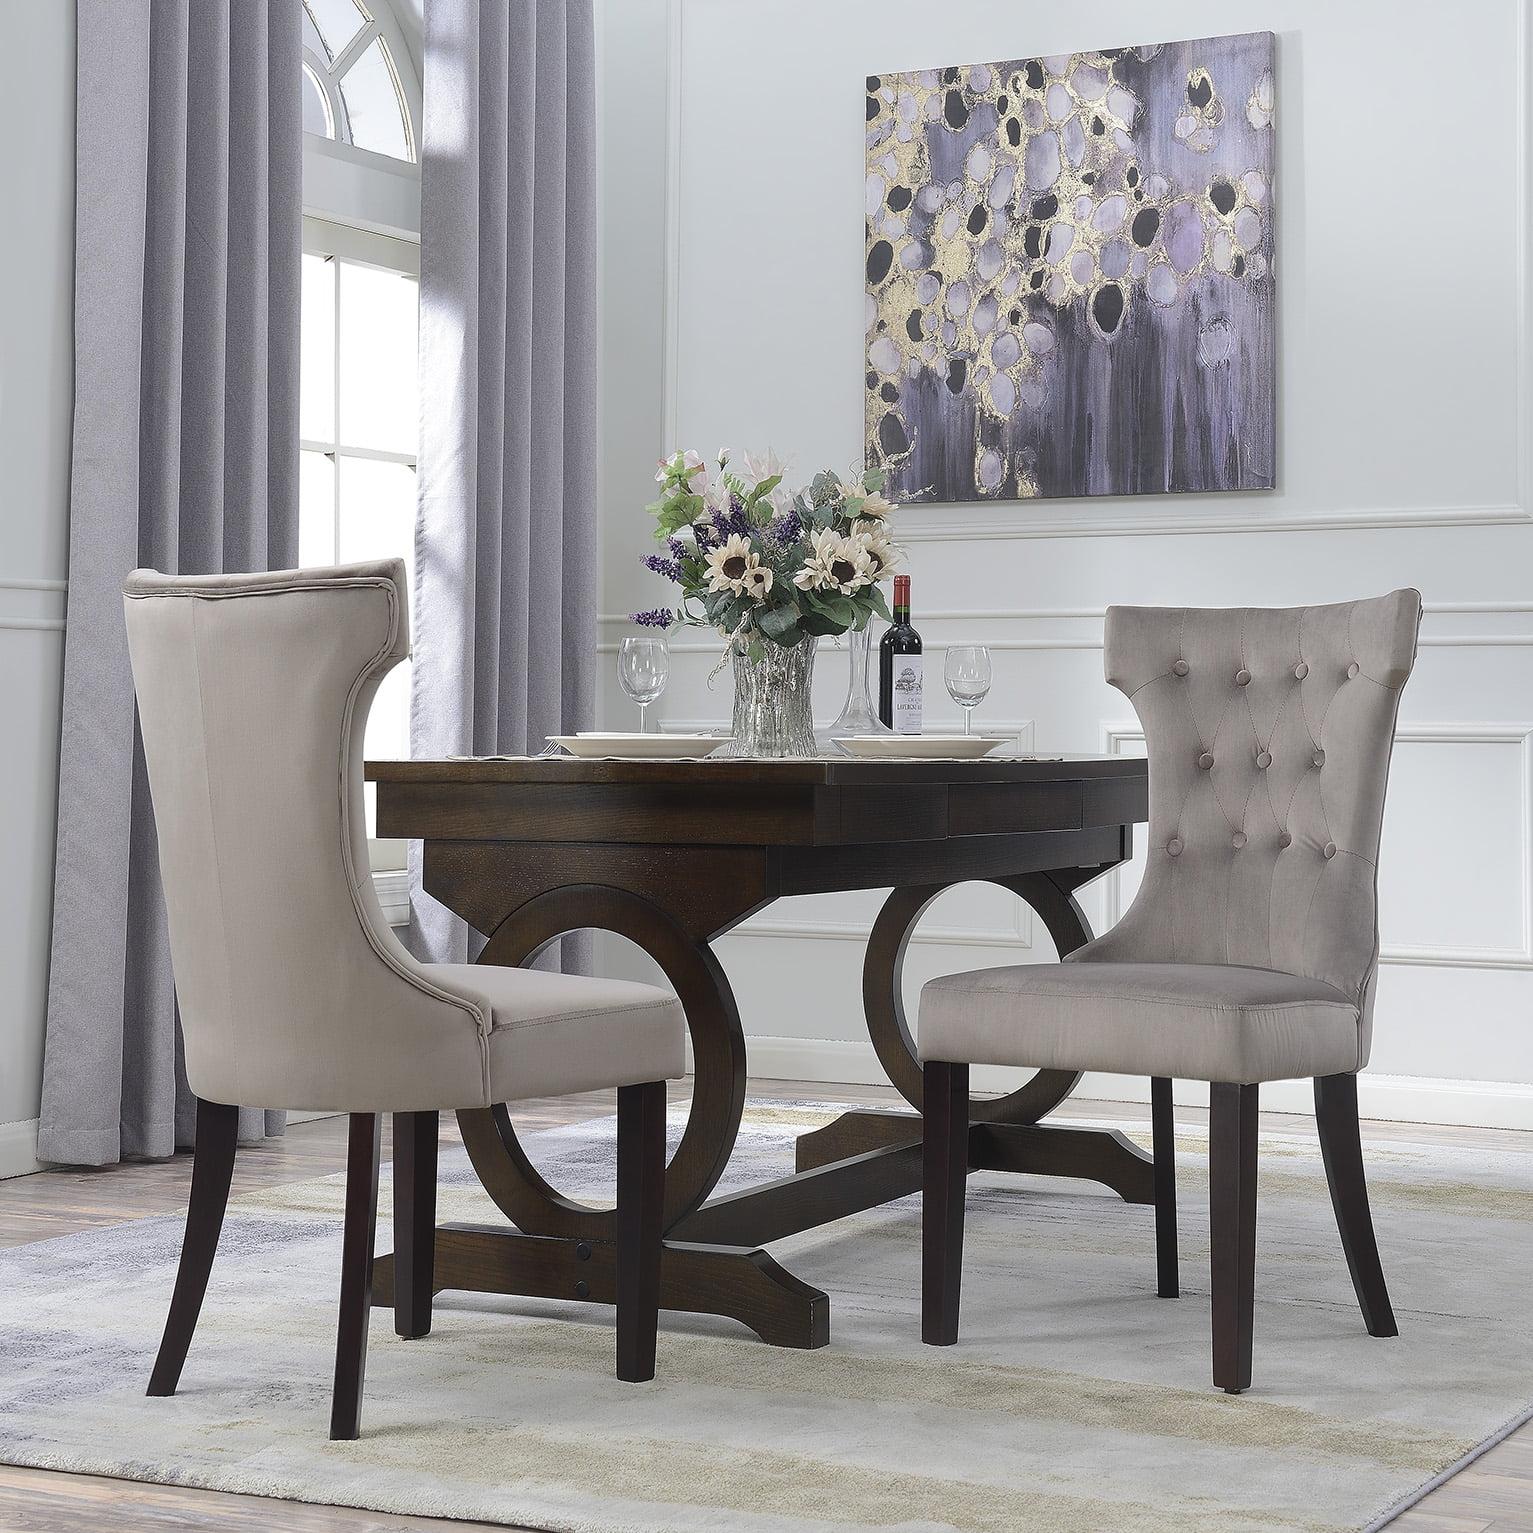 Belleze Set of 2, Elegant Tufted Upholestered Dining Chair High-Backrest, Taupe